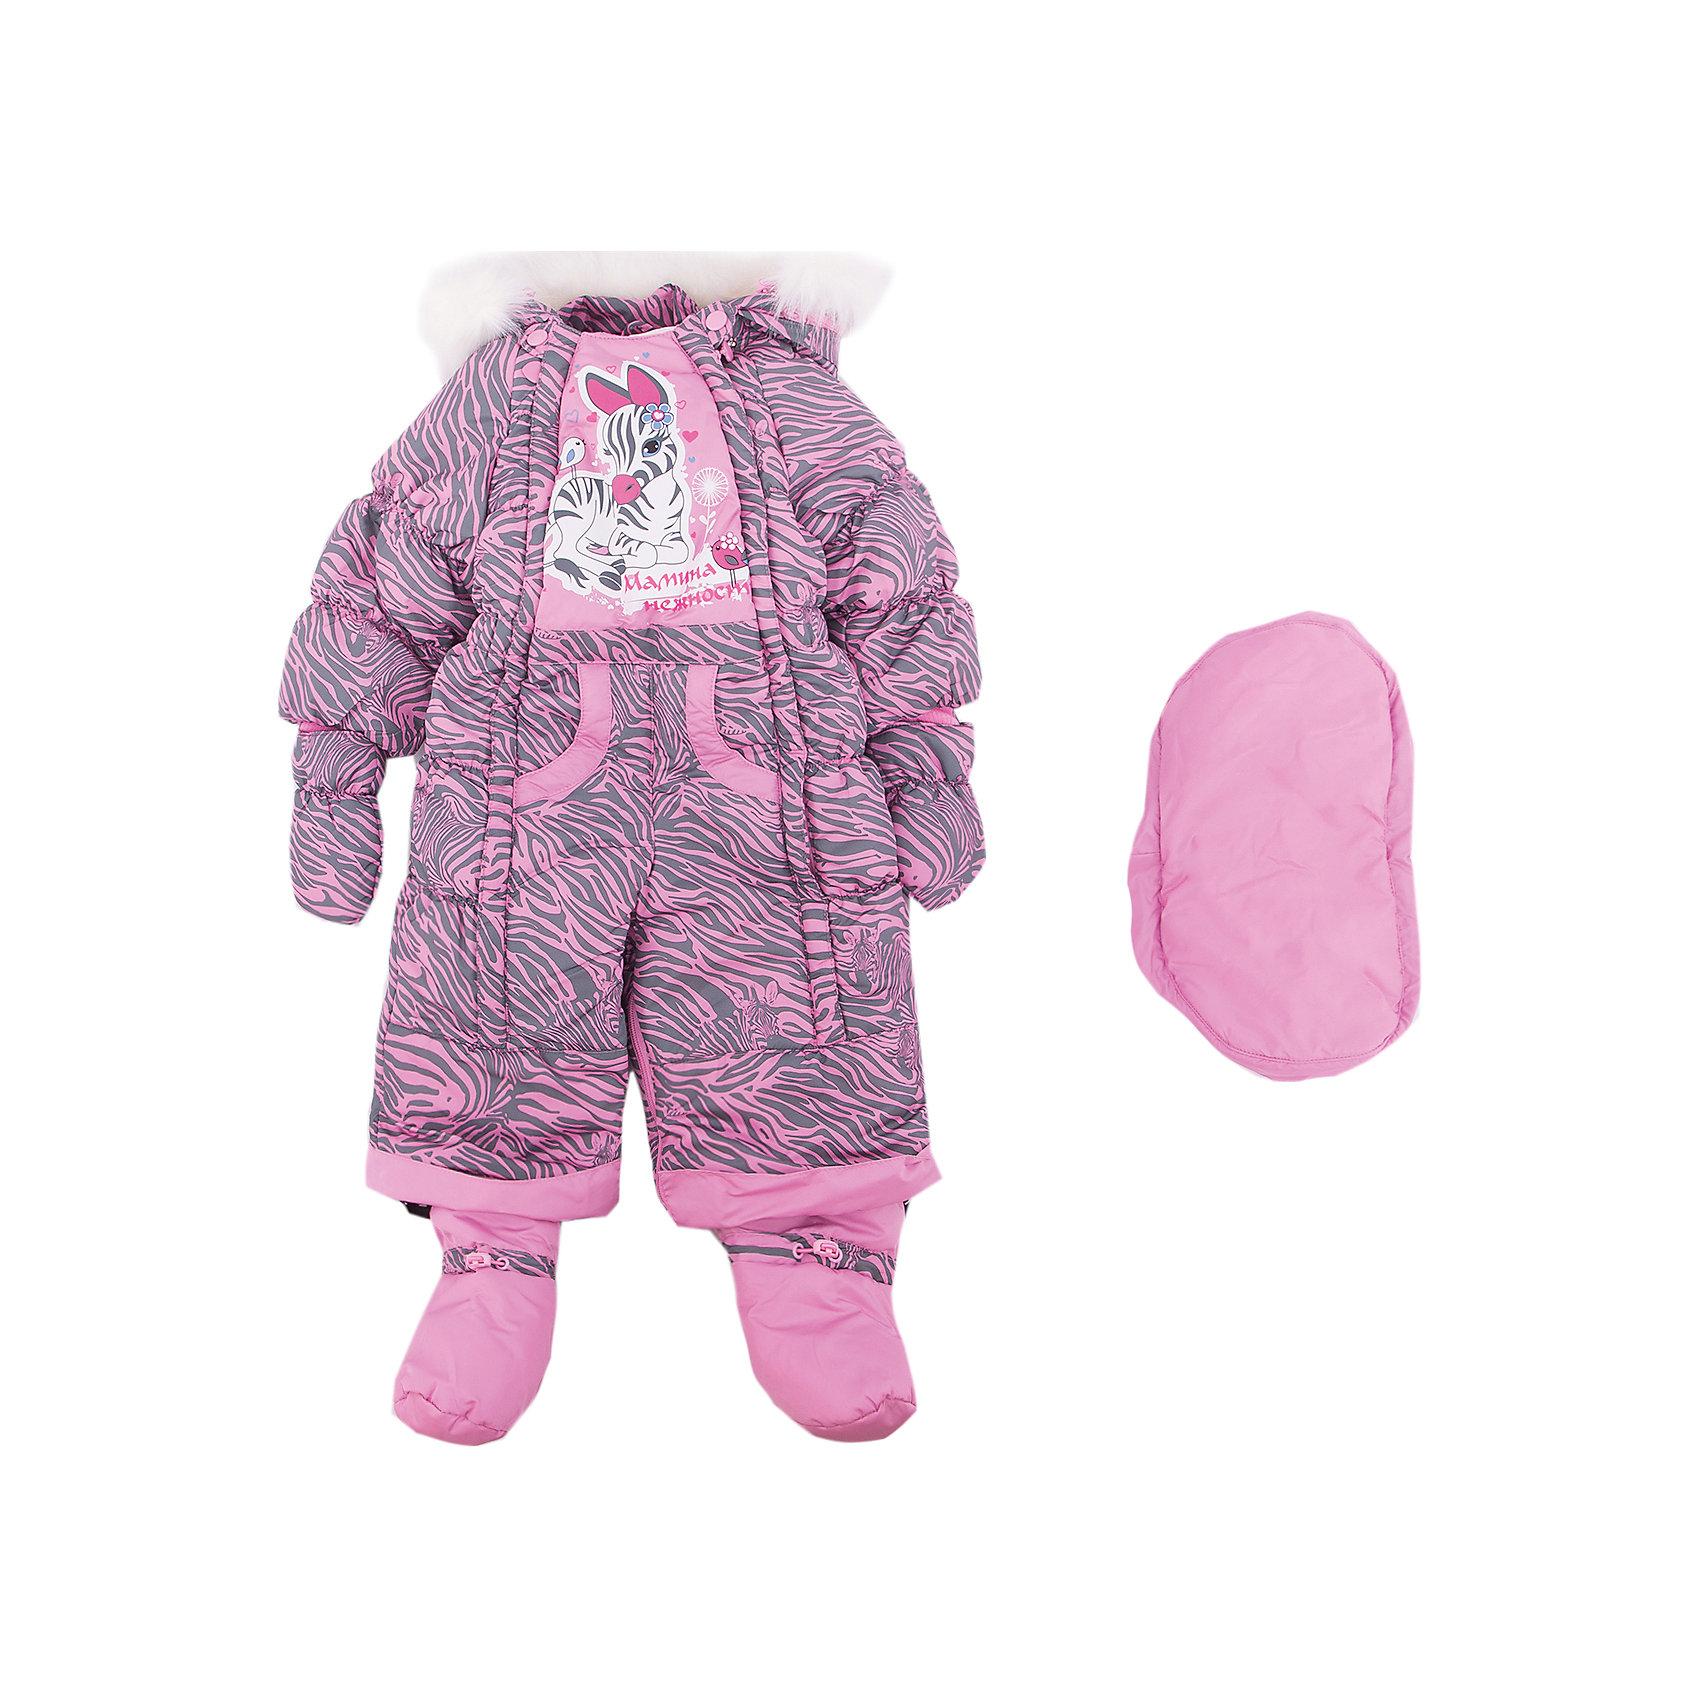 Комбинезон-трансформер Зебра OLDOS для девочкиВерхняя одежда<br>Характеристики товара:<br><br>• цвет: розовый<br>• состав ткани: 100% полиэстер, Teflon <br>• подкладка: хлопок<br>• утеплитель: Hollofan 200 г/м2<br>• подстежка: 60% шерсть, 40% полиэстер<br>• сезон: зима<br>• температурный режим: от -35 до 0<br>• застежка: молния<br>• капюшон: с мехом, несъемный<br>• пинетки, варежки, опушка отстегиваются<br>• трансформируется в конверт<br>• подстежка в комплекте<br>• страна бренда: Россия<br>• страна изготовитель: Россия<br><br>Верх этого детского комбинезона - с пропиткой от грязи и влаги. Мягкая подкладка детского комбинезона-трансформера для зимы приятна на ощупь. Удобный комбинезон-трансформер для девочки дополнен съемными пинетками и варежками. Комбинезон-трансформер позволяет создать комфортный микроклимат даже в сильные морозы.<br><br>Комбинезон-трансформер Зебра Oldos (Олдос) для девочки можно купить в нашем интернет-магазине.<br><br>Ширина мм: 356<br>Глубина мм: 10<br>Высота мм: 245<br>Вес г: 519<br>Цвет: розовый<br>Возраст от месяцев: 6<br>Возраст до месяцев: 9<br>Пол: Женский<br>Возраст: Детский<br>Размер: 74,86,80<br>SKU: 7016801